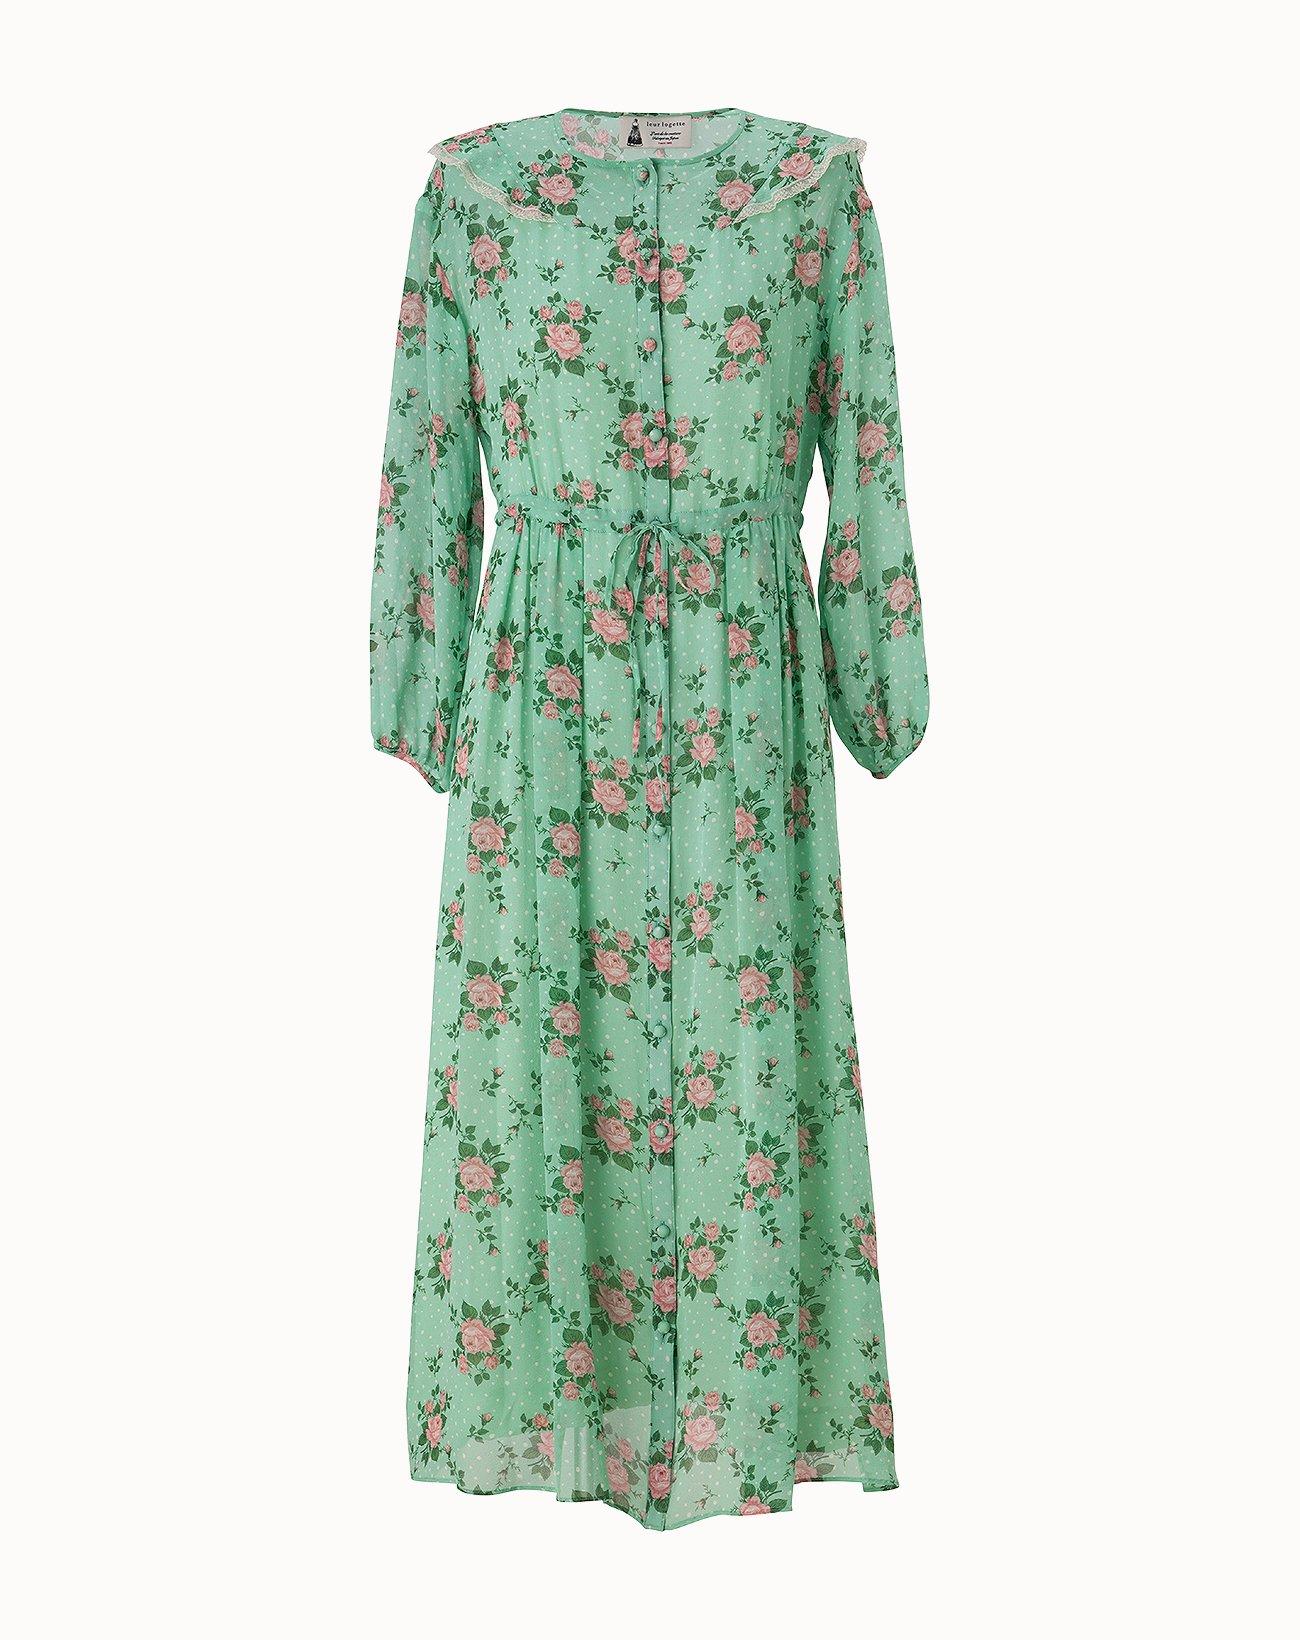 Dot Rose Printed Dress - Green